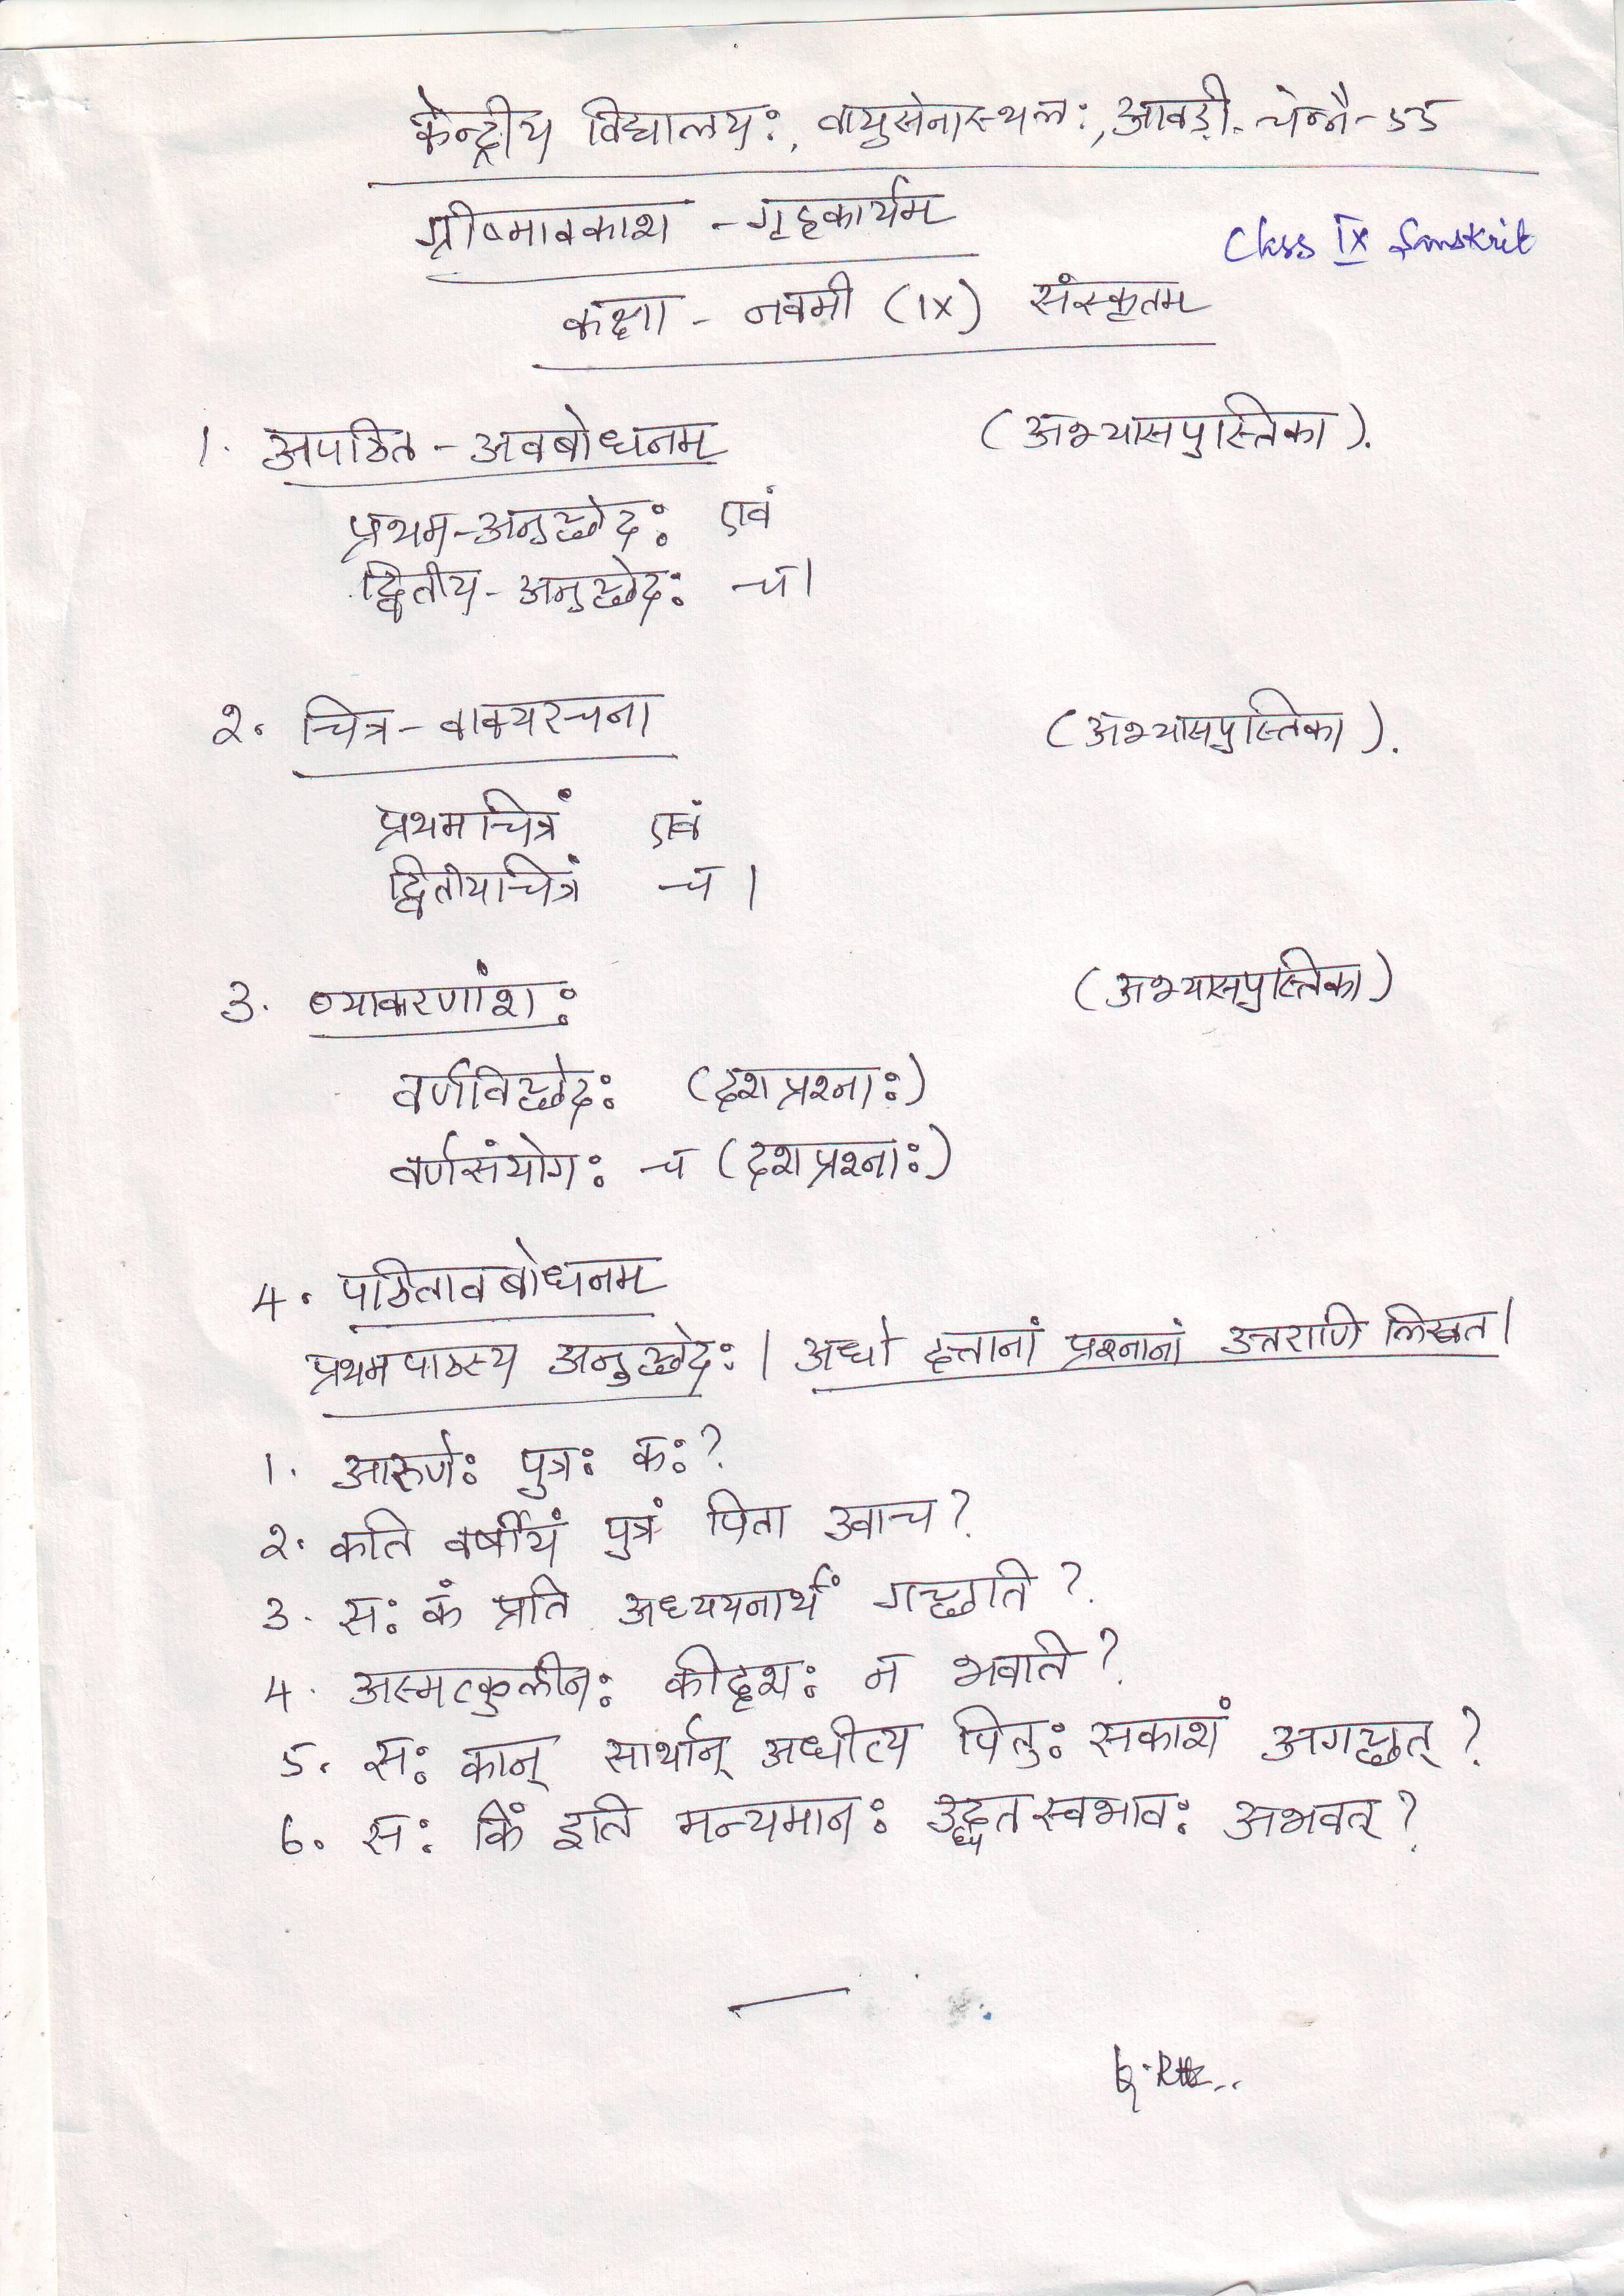 essay on prakriti पर्यावरण प्रदूषण पर निबंध essay on environmental pollution in hindi क्या आप हमारे आस-पास होने वाले प्रदुषण के विषय में जानना चाहते हैं.